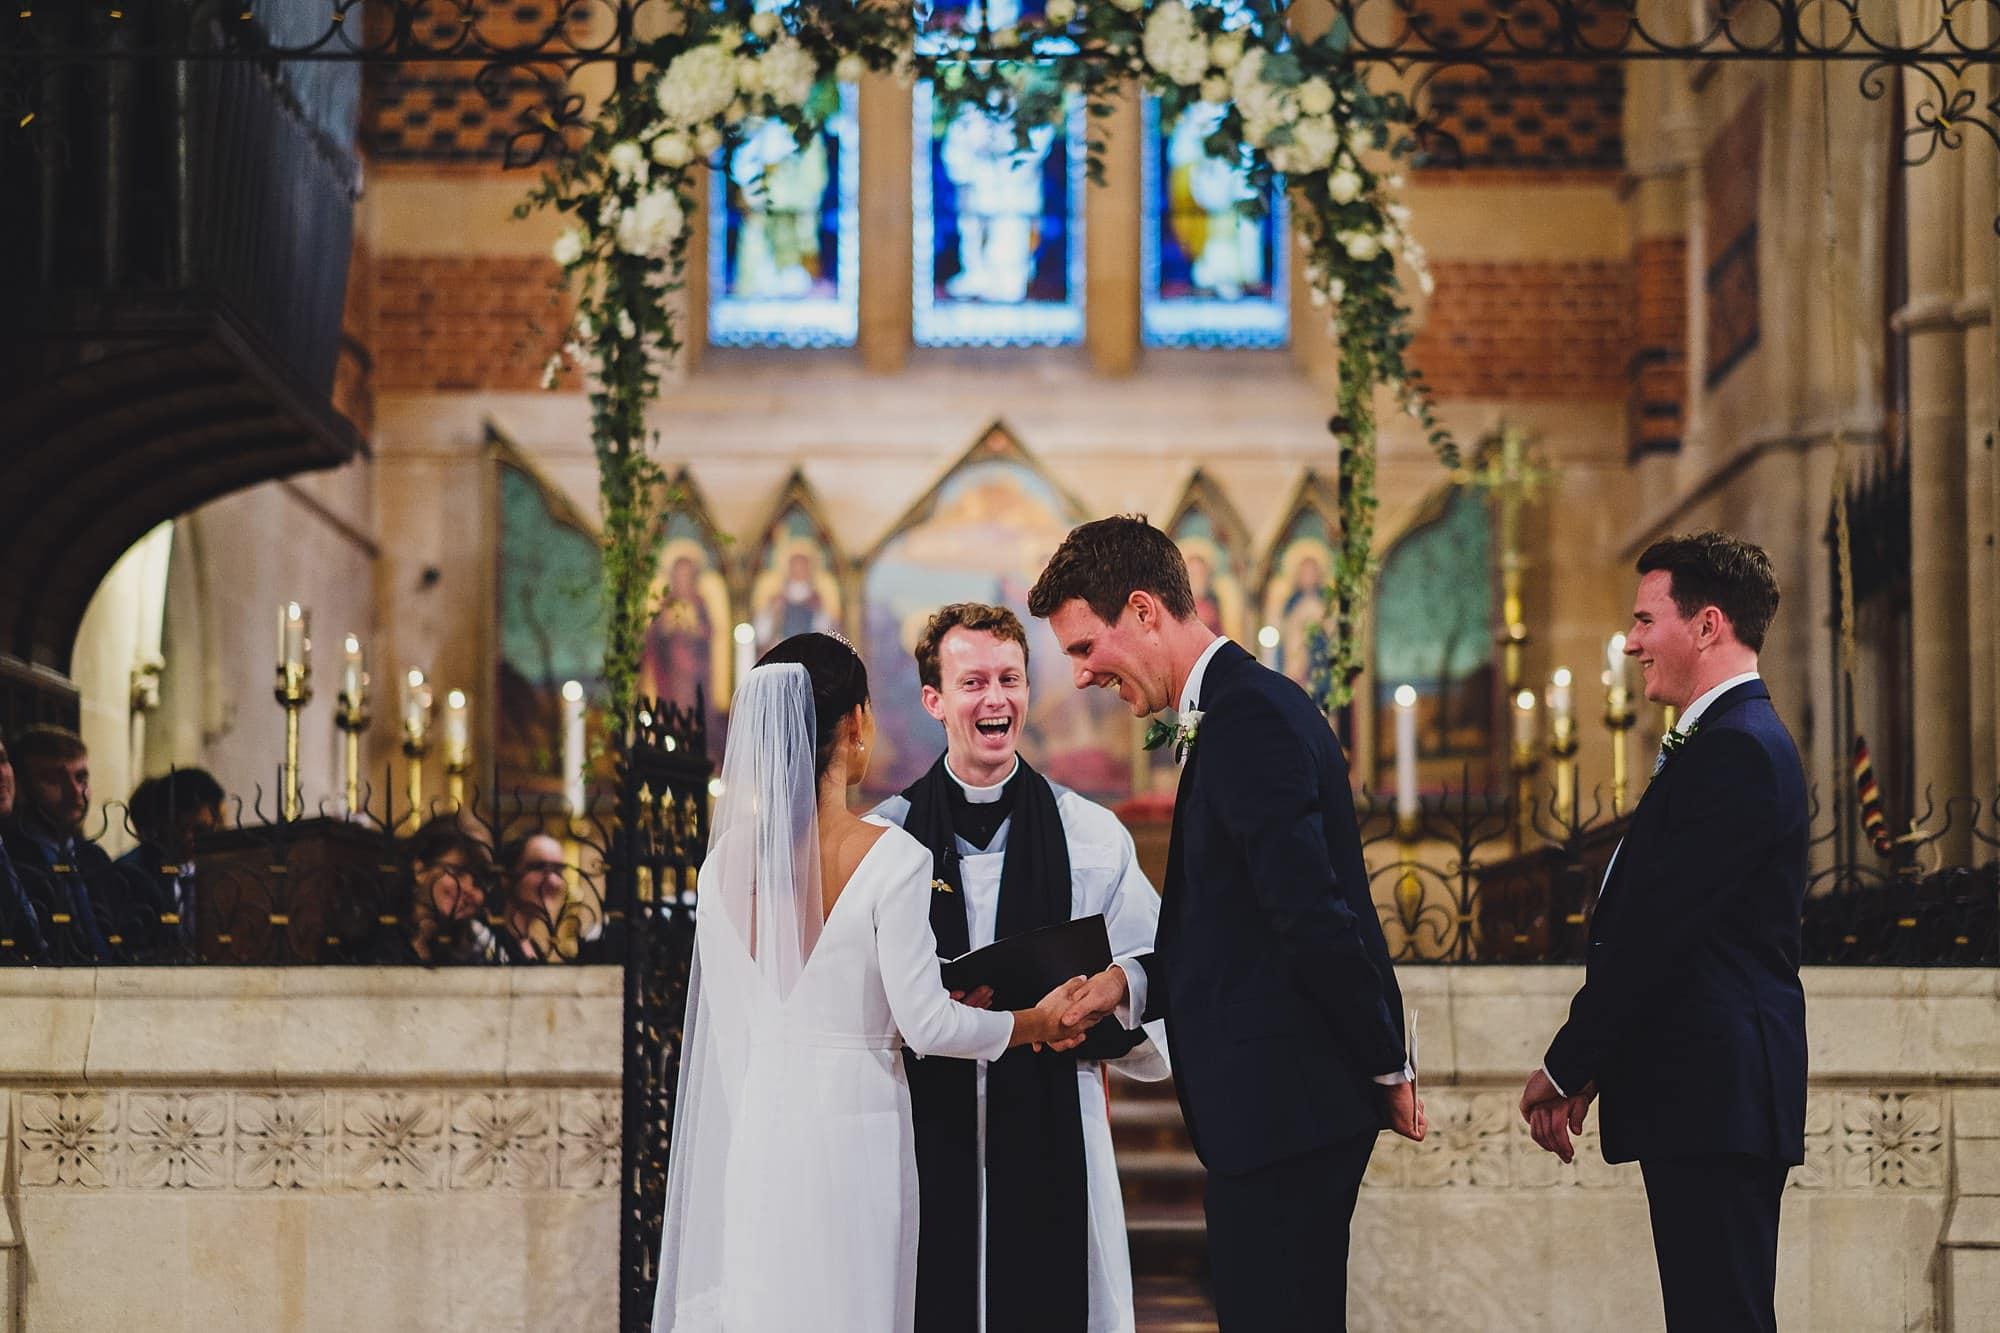 fulham palace wedding photographer ok 042 - Olivia + Kyle